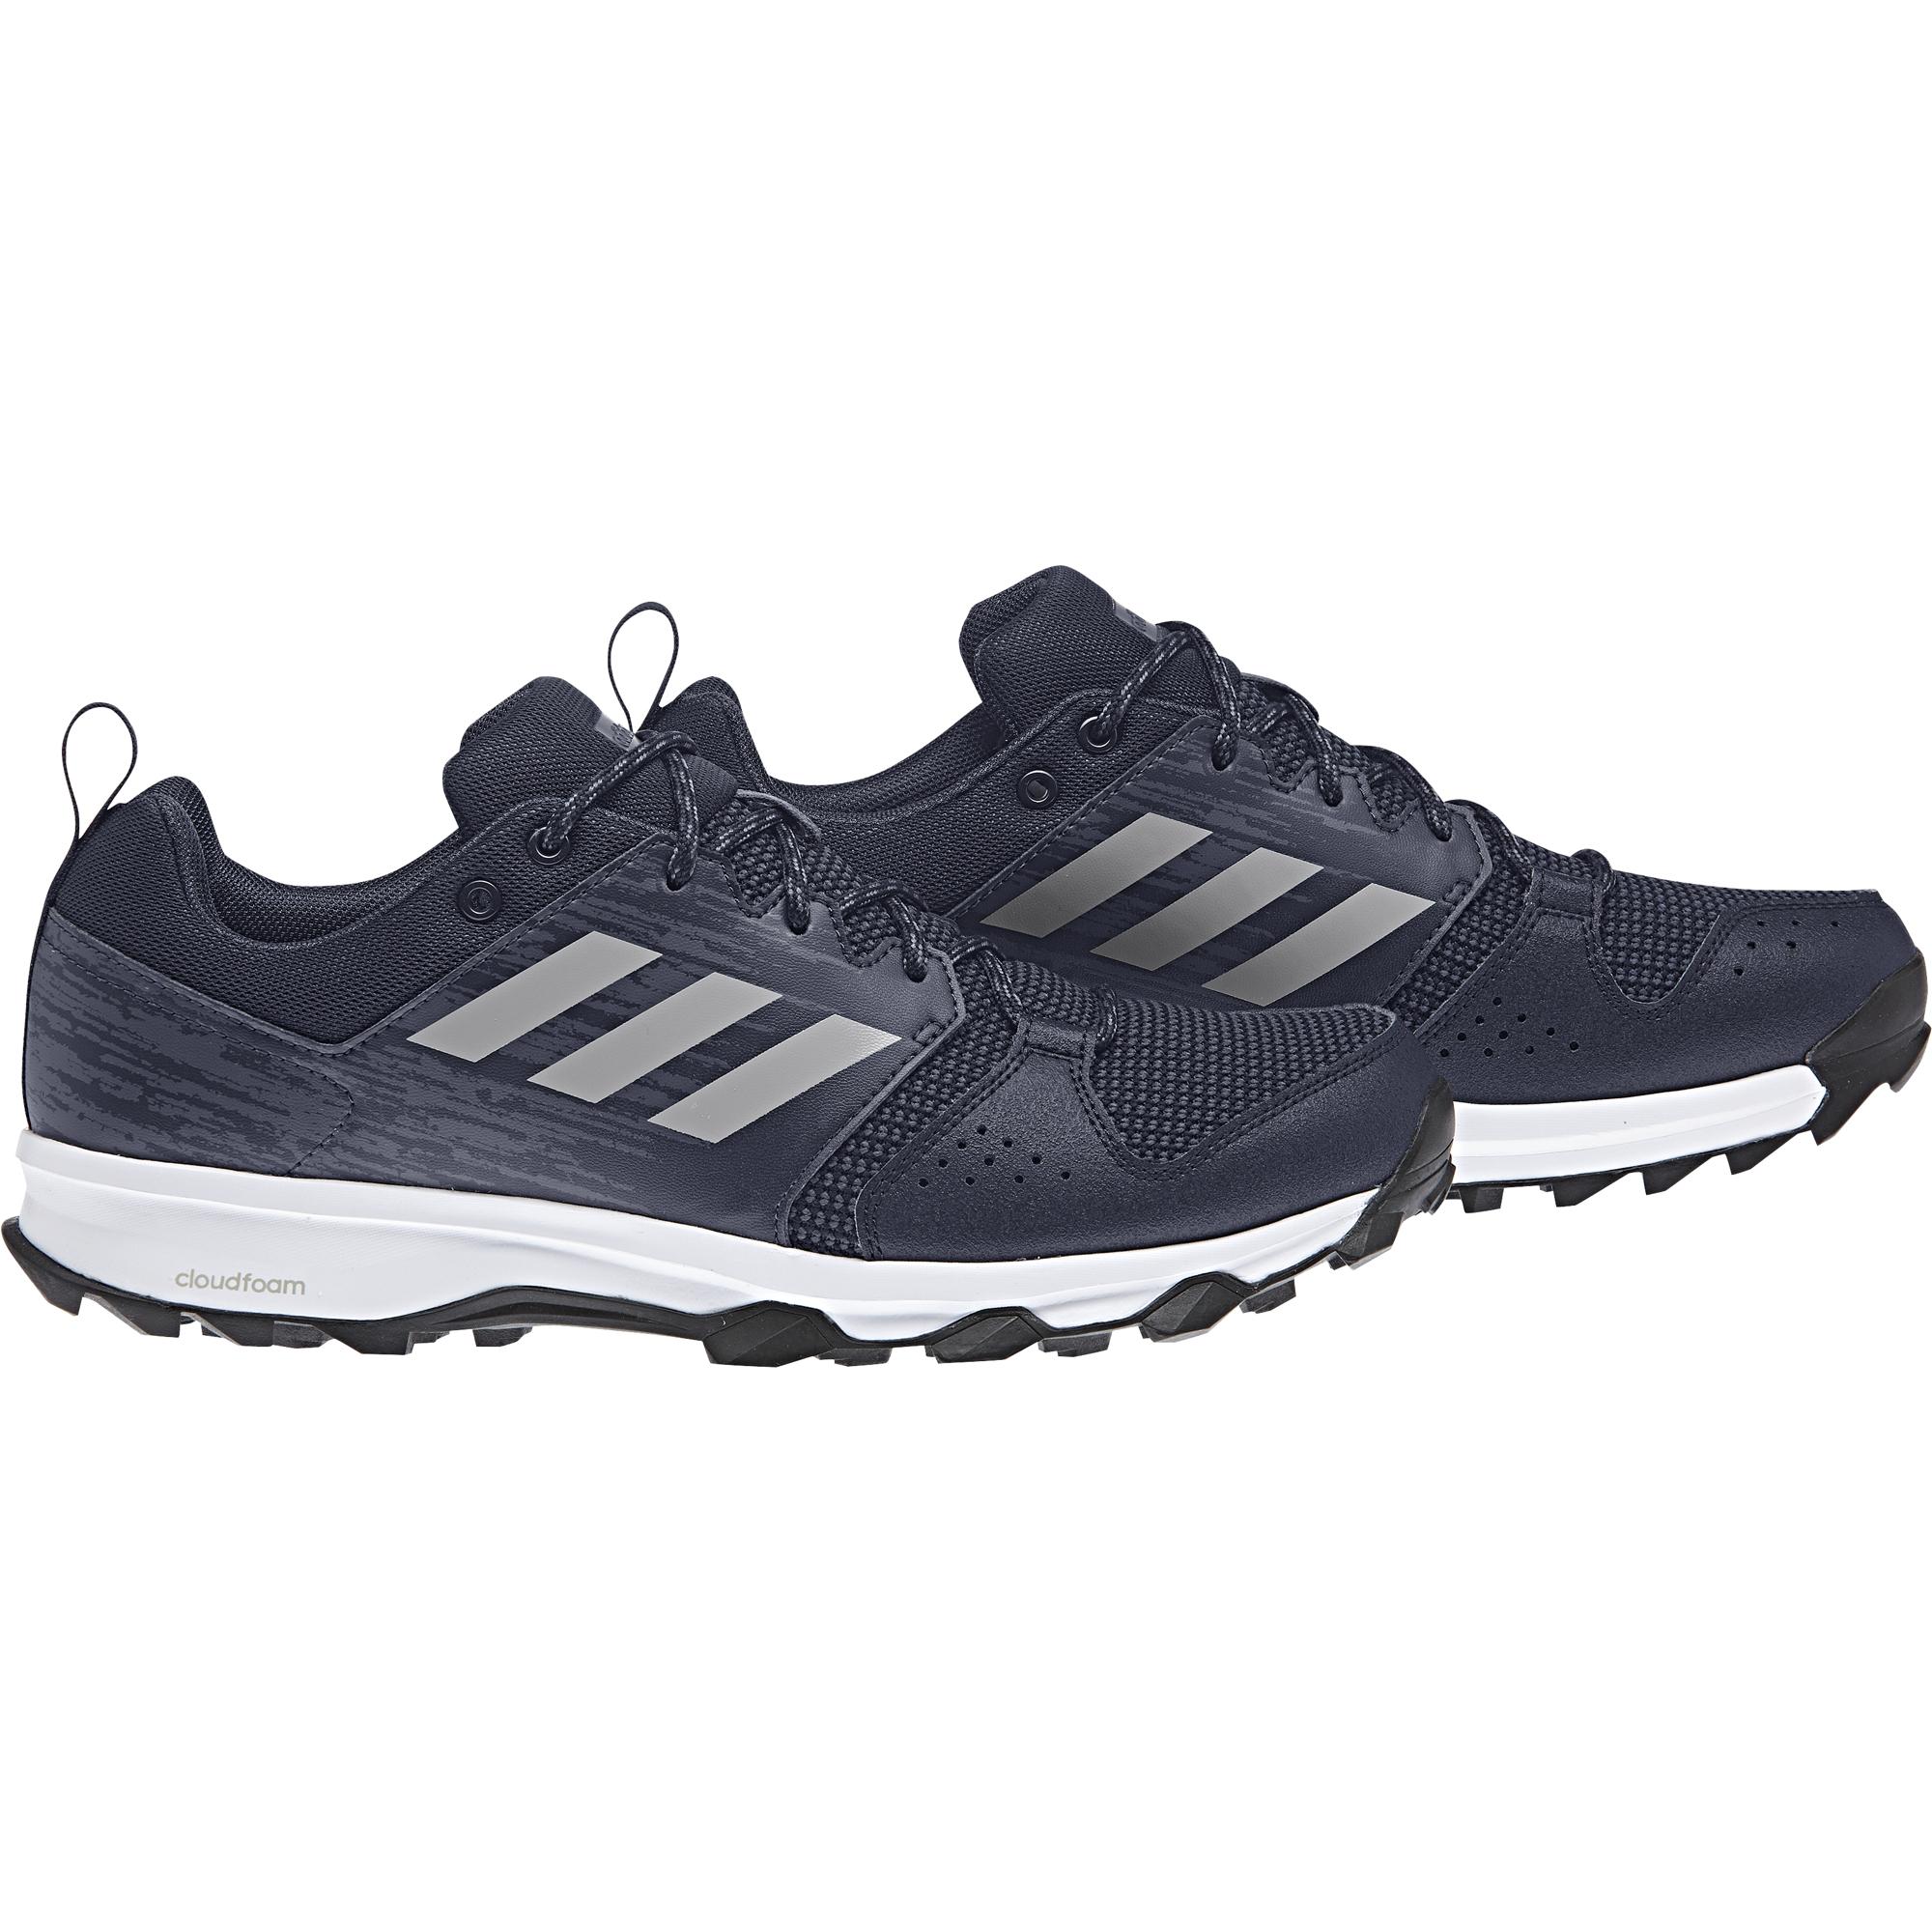 Chaussures Adidas Trail Chaussures Trail Chaussures Chaussures Trail Adidas Galaxy Adidas Galaxy Adidas Galaxy OkNZn08wPX